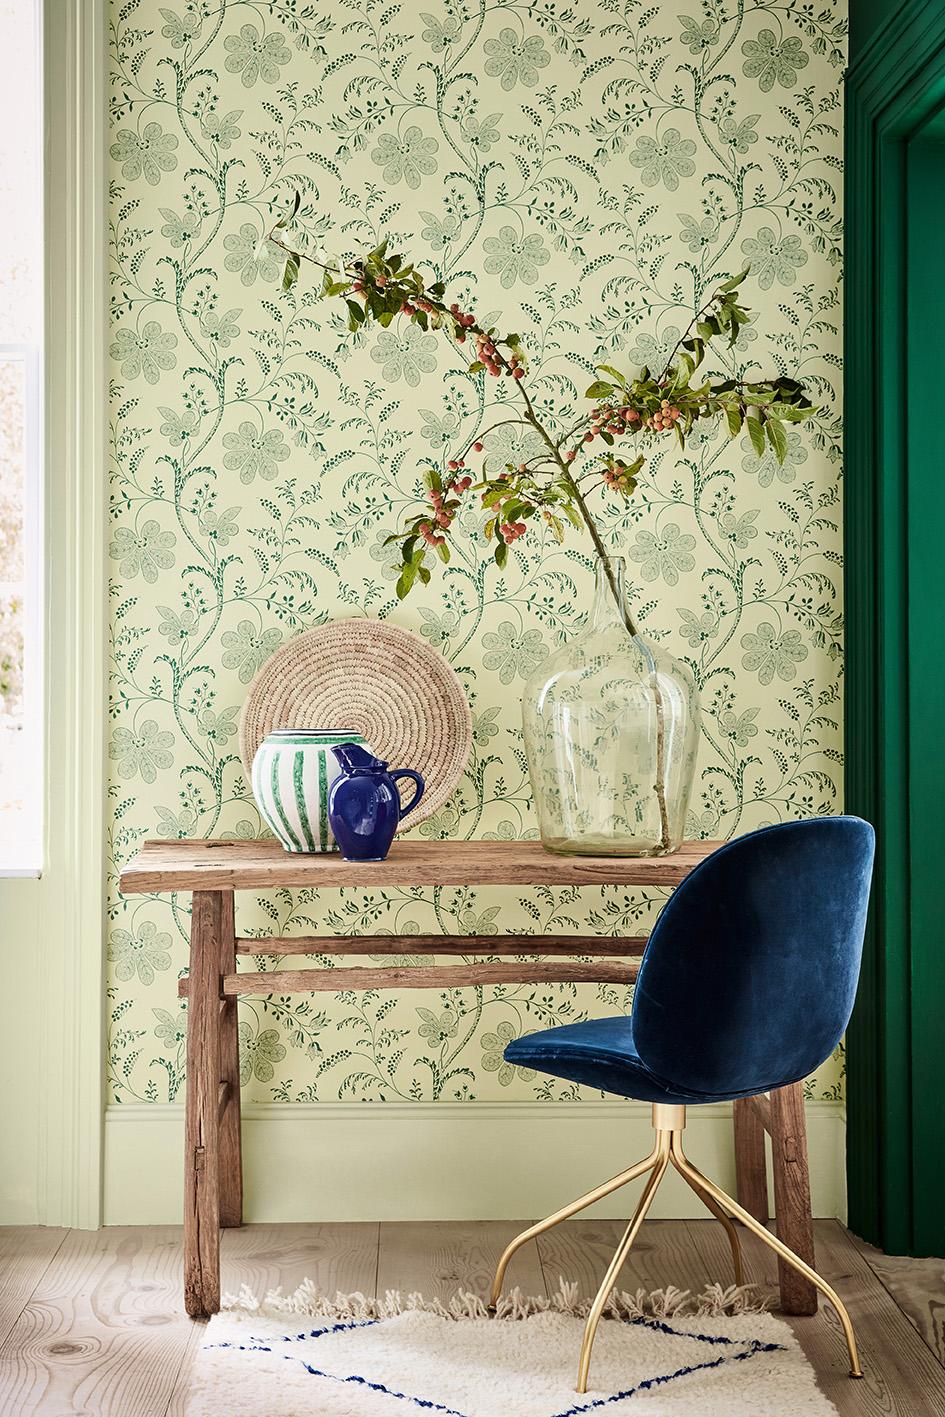 Behang Little Green #interieur #behang #interieurinspiratie #kleur #wandbekleding #interior